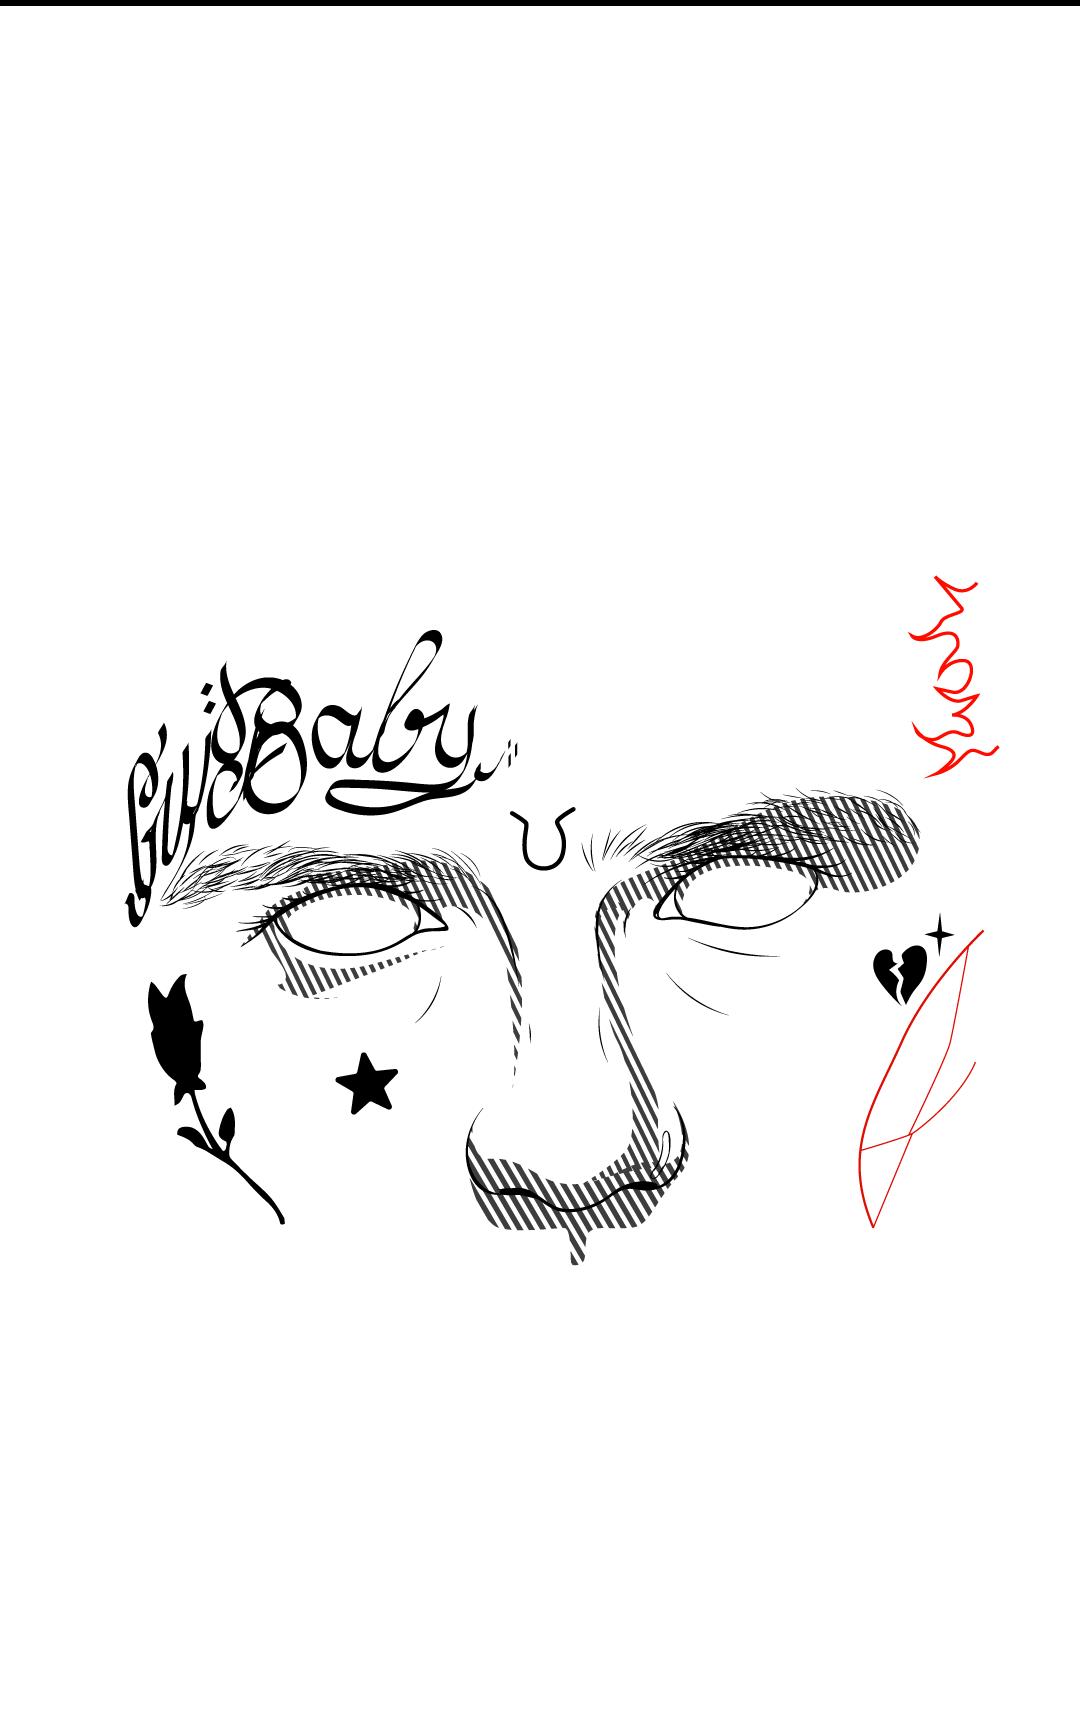 Lil Peep Lil Peep Tattoos Lil Peep Hellboy Rapper Art